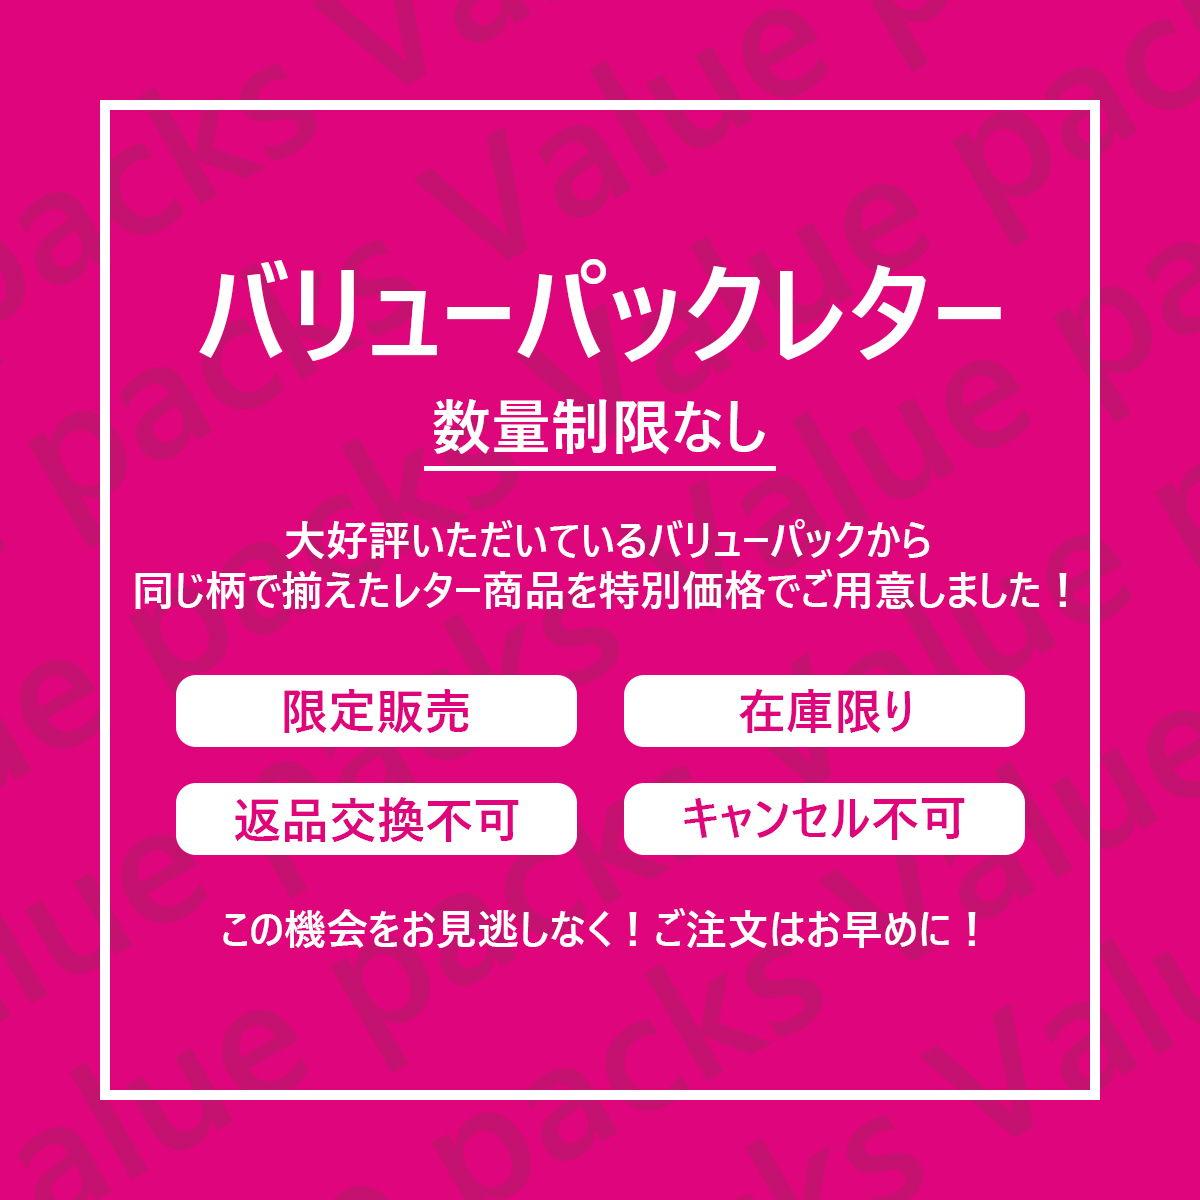 バリューパック お寿司 | vp-026